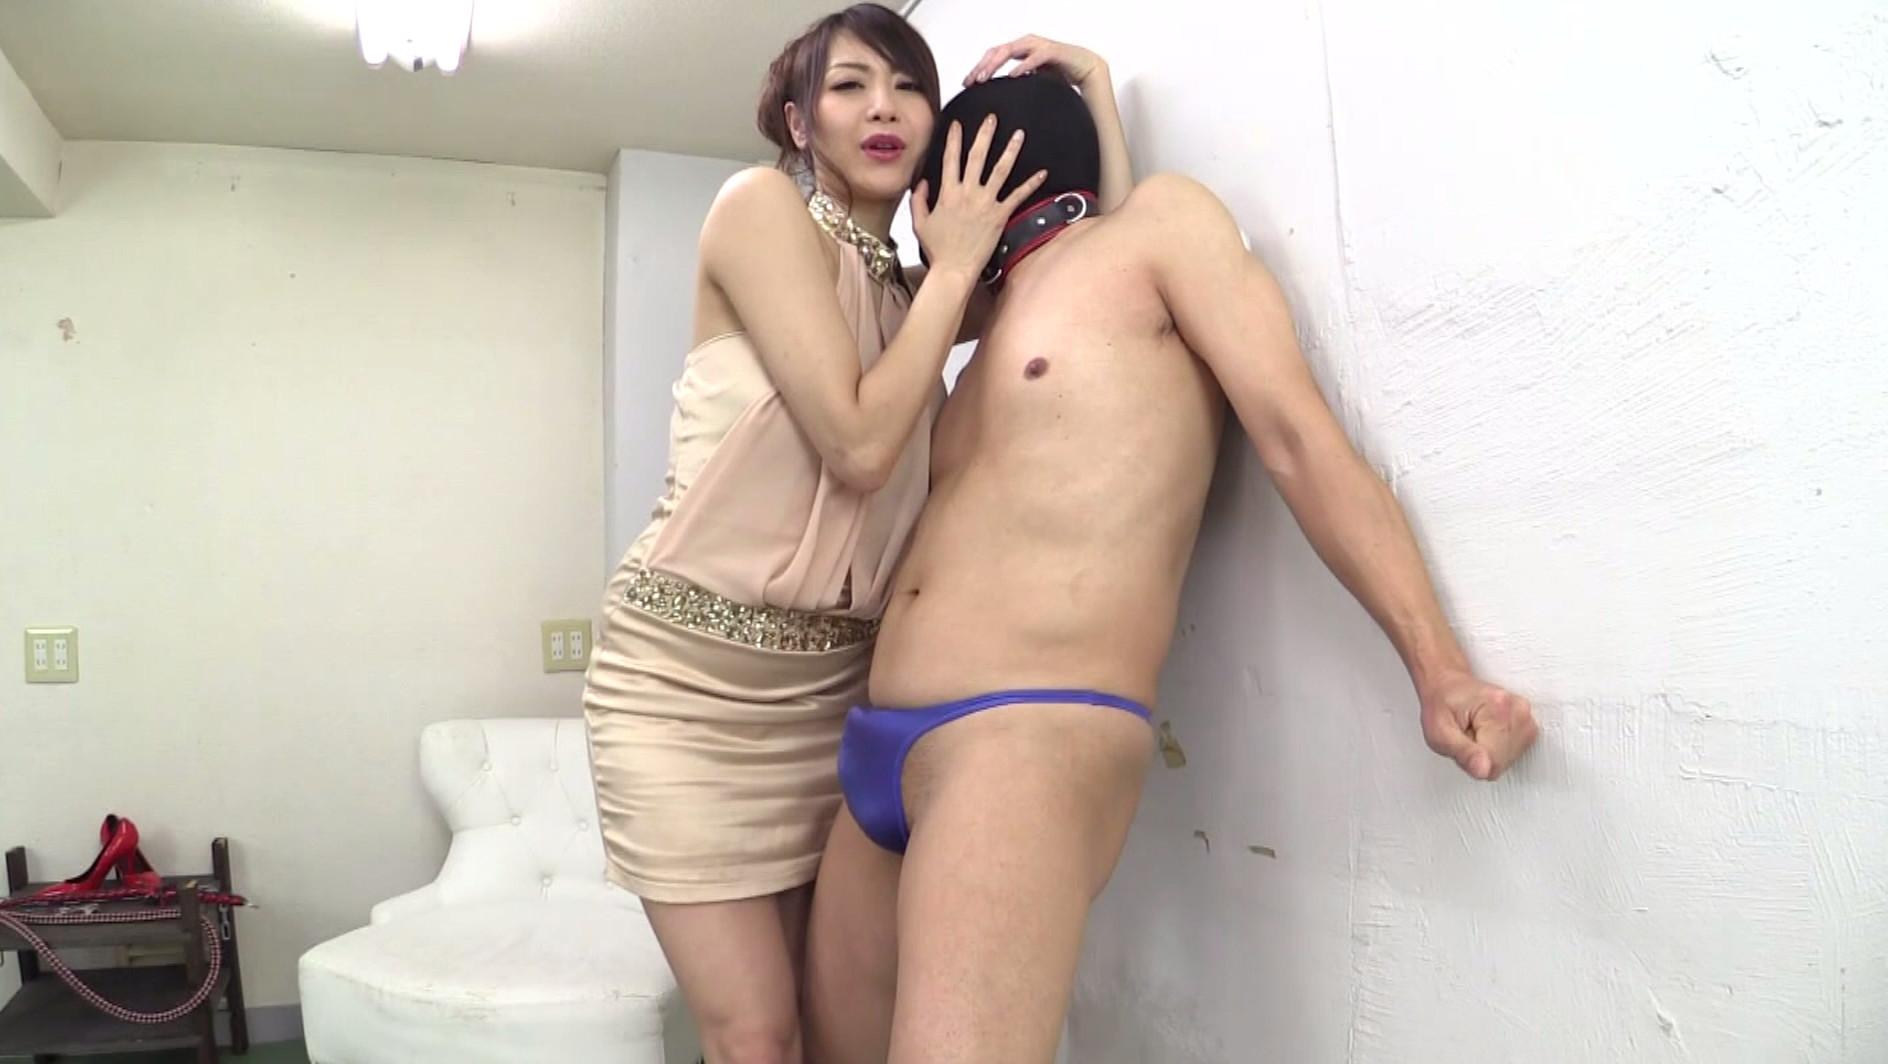 超絶テクニック!ゴッドハンドで男の潮吹き Vol.8 広瀬奈々美 画像11